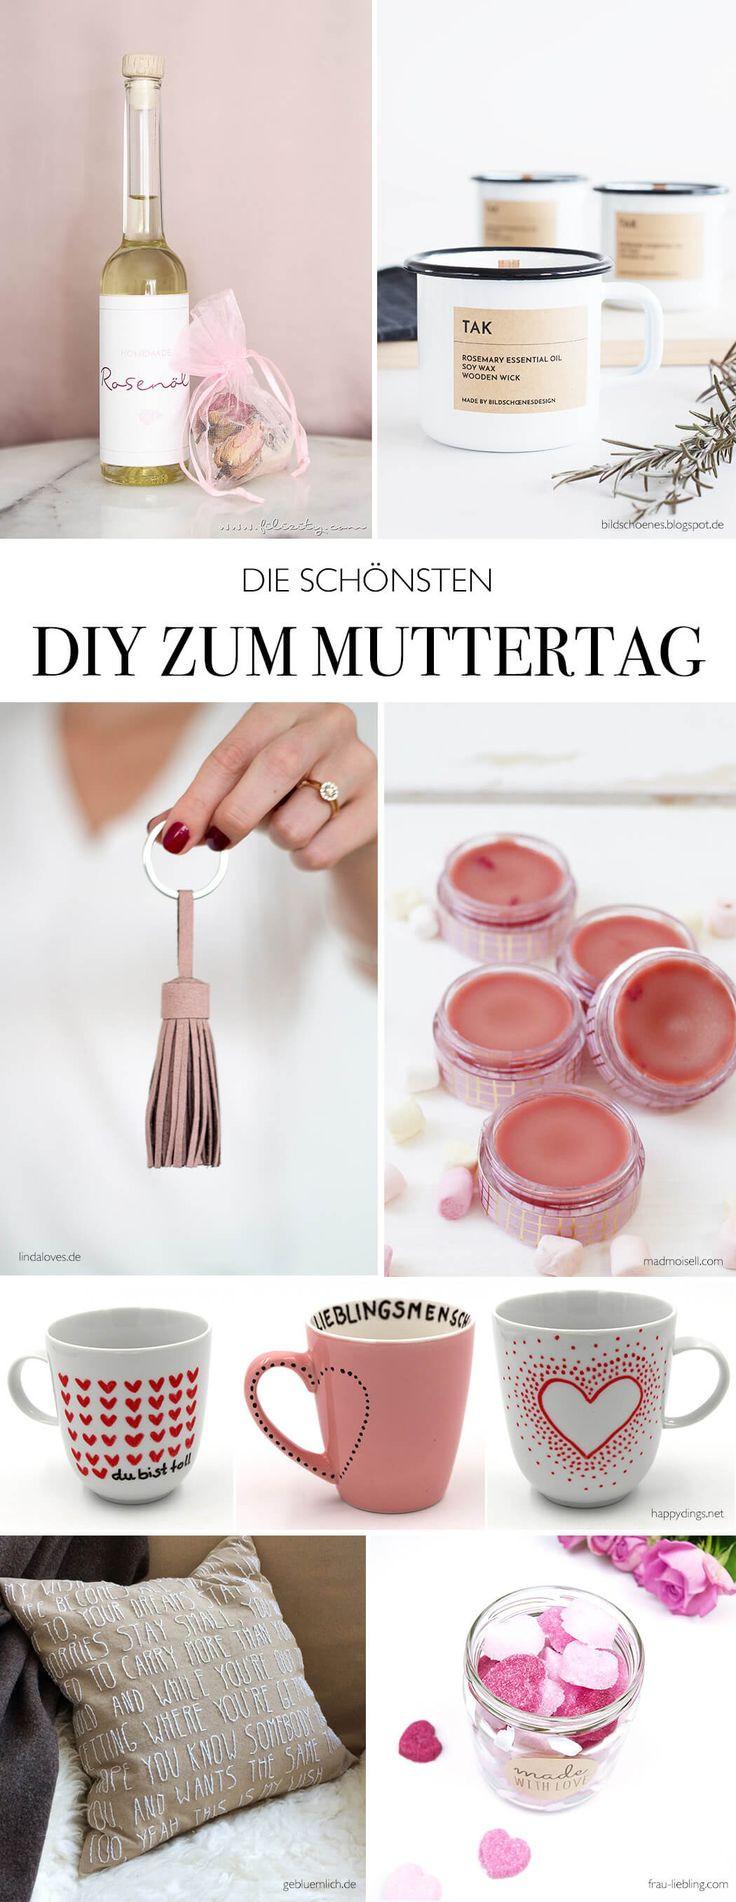 Muttertag Geschenke Selbstgemacht  25 best ideas about Basteln Zum Muttertag auf Pinterest